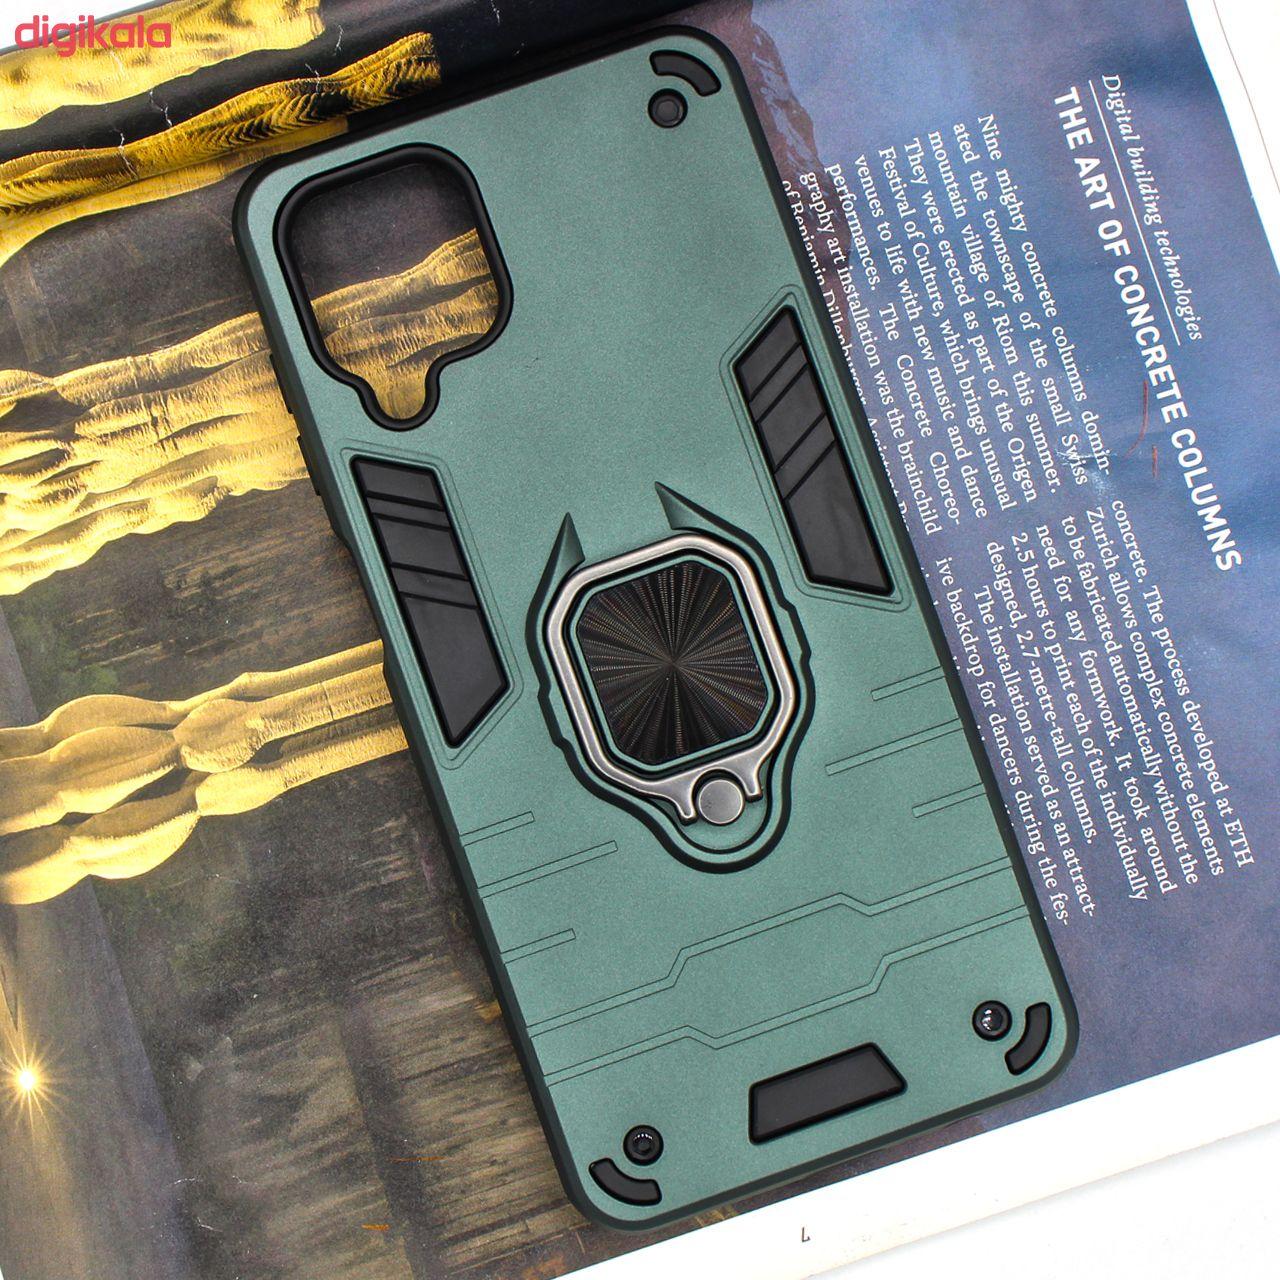 کاور کینگ پاور مدل ASH22 مناسب برای گوشی موبایل سامسونگ Galaxy A12 main 1 16